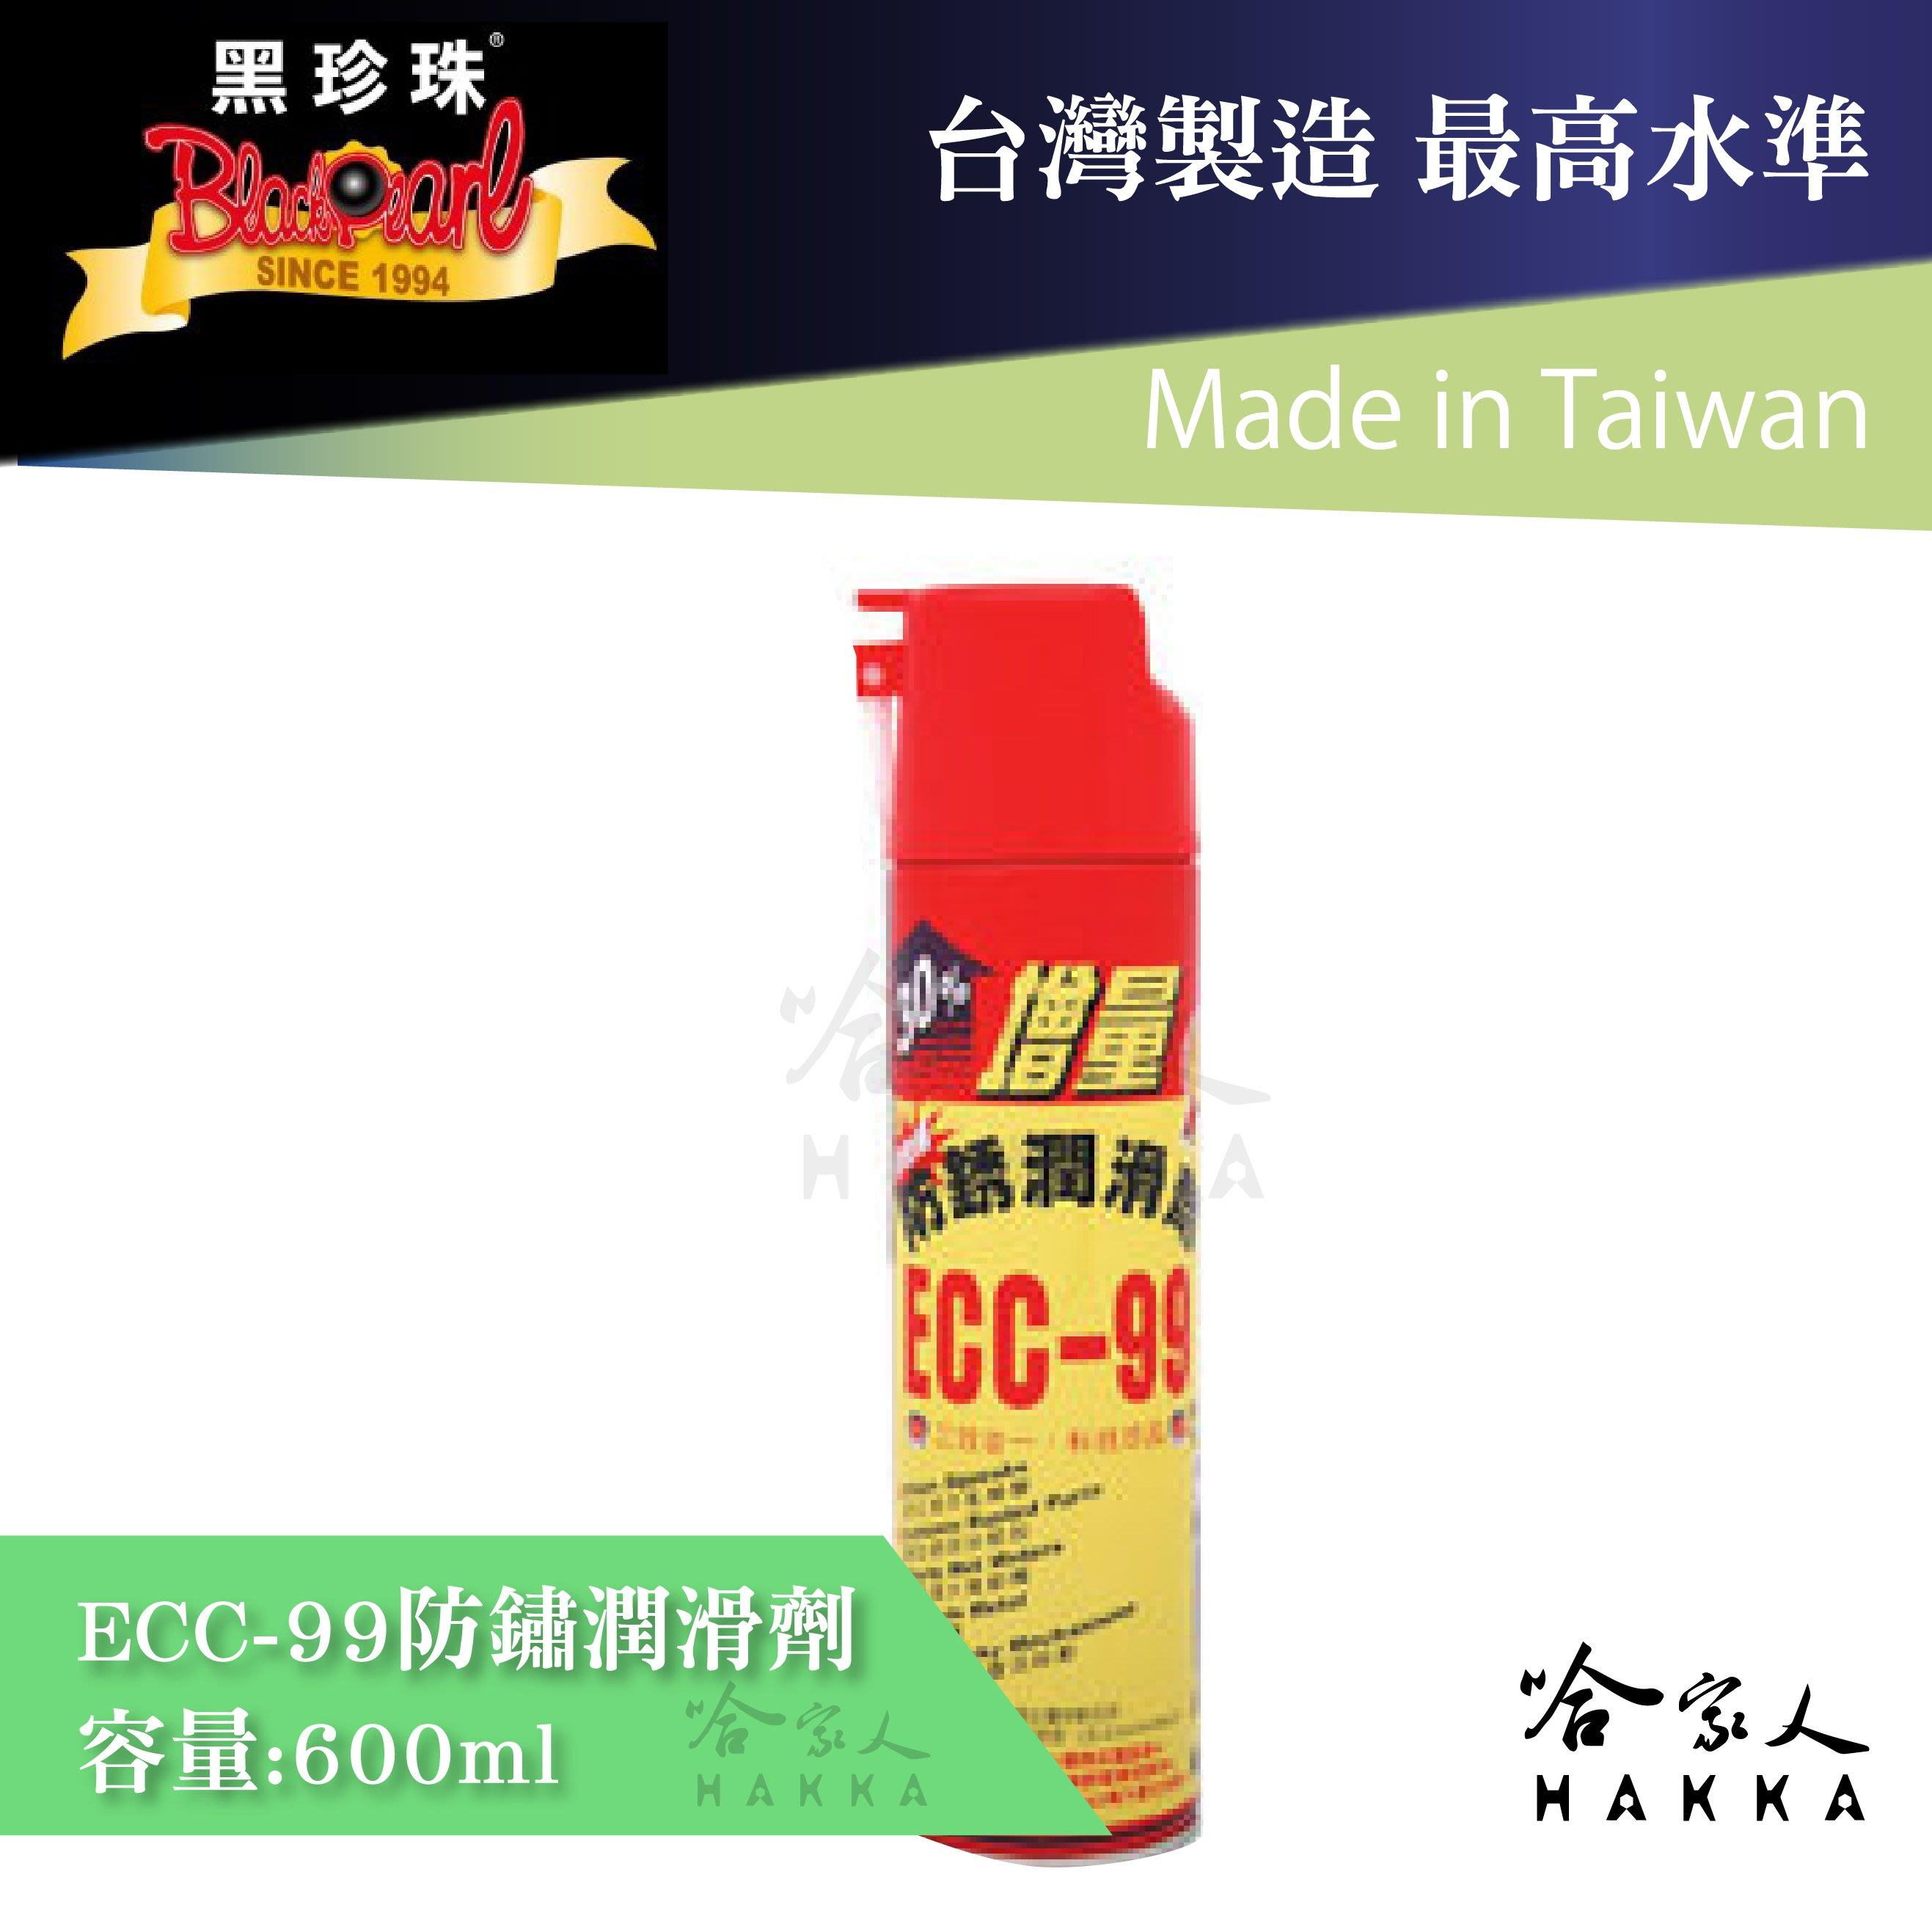 【 黑珍珠 】 防鏽潤滑劑 ECC-99 防鏽潤滑劑 防鏽油 除鏽油 潤滑油 WD40 600ml 哈家人